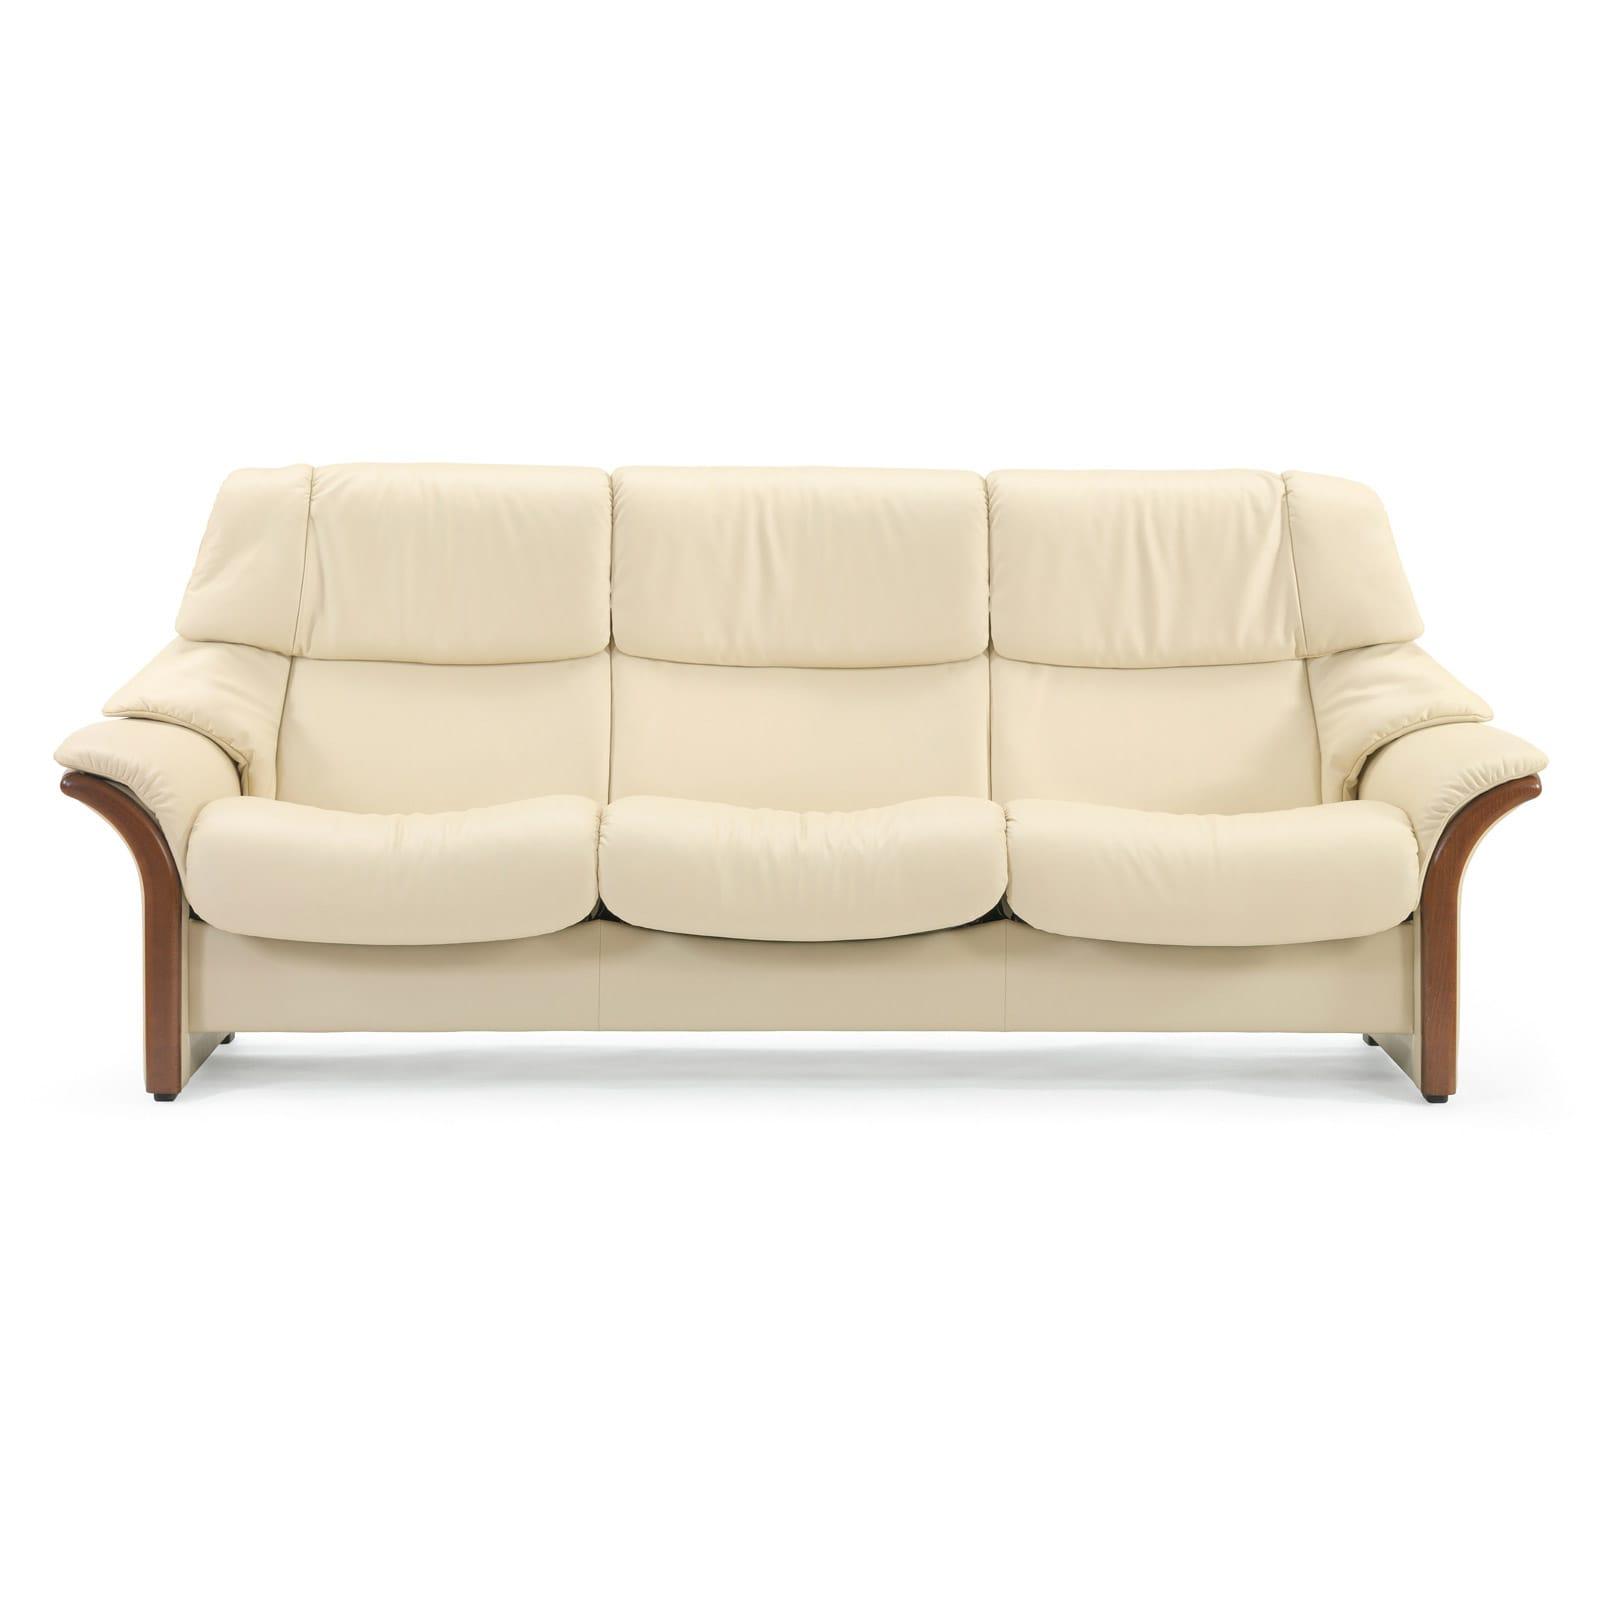 Full Size of Stressless Furniture Nz Ekornes Sofa Sale 2 Seater Leather Red Stella 3 Sitzer Eldorado M Hoch Vanilla Braun Big Grau Schlafsofa Liegefläche 160x200 2er Sofa Stressless Sofa